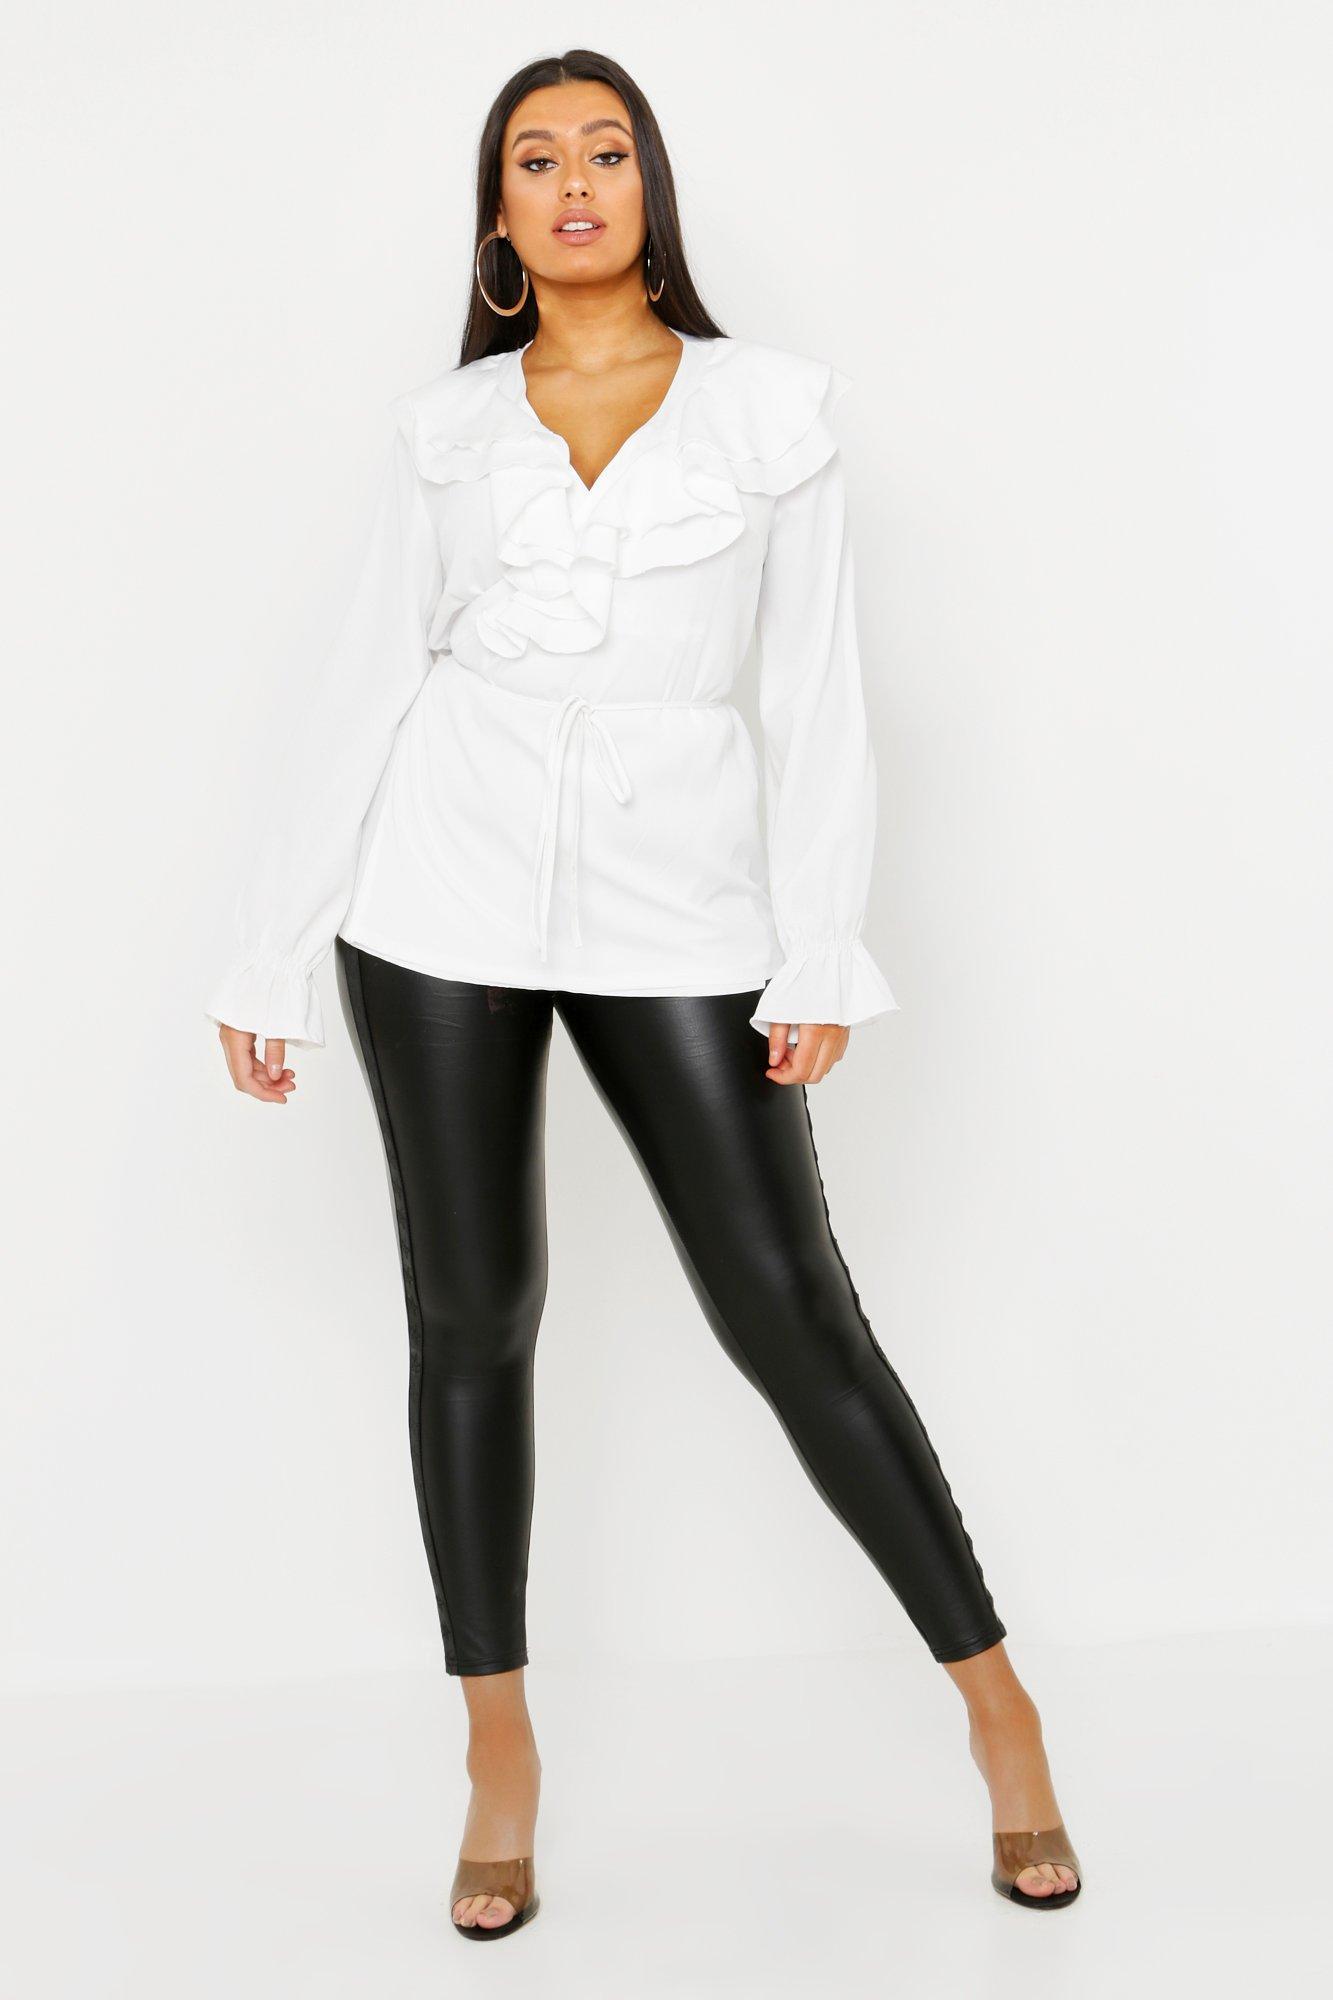 Womens Plus Oberteil mit tiefem Ausschnitt und Volant - elfenbeinfarben - 42, Elfenbeinfarben - Boohoo.com